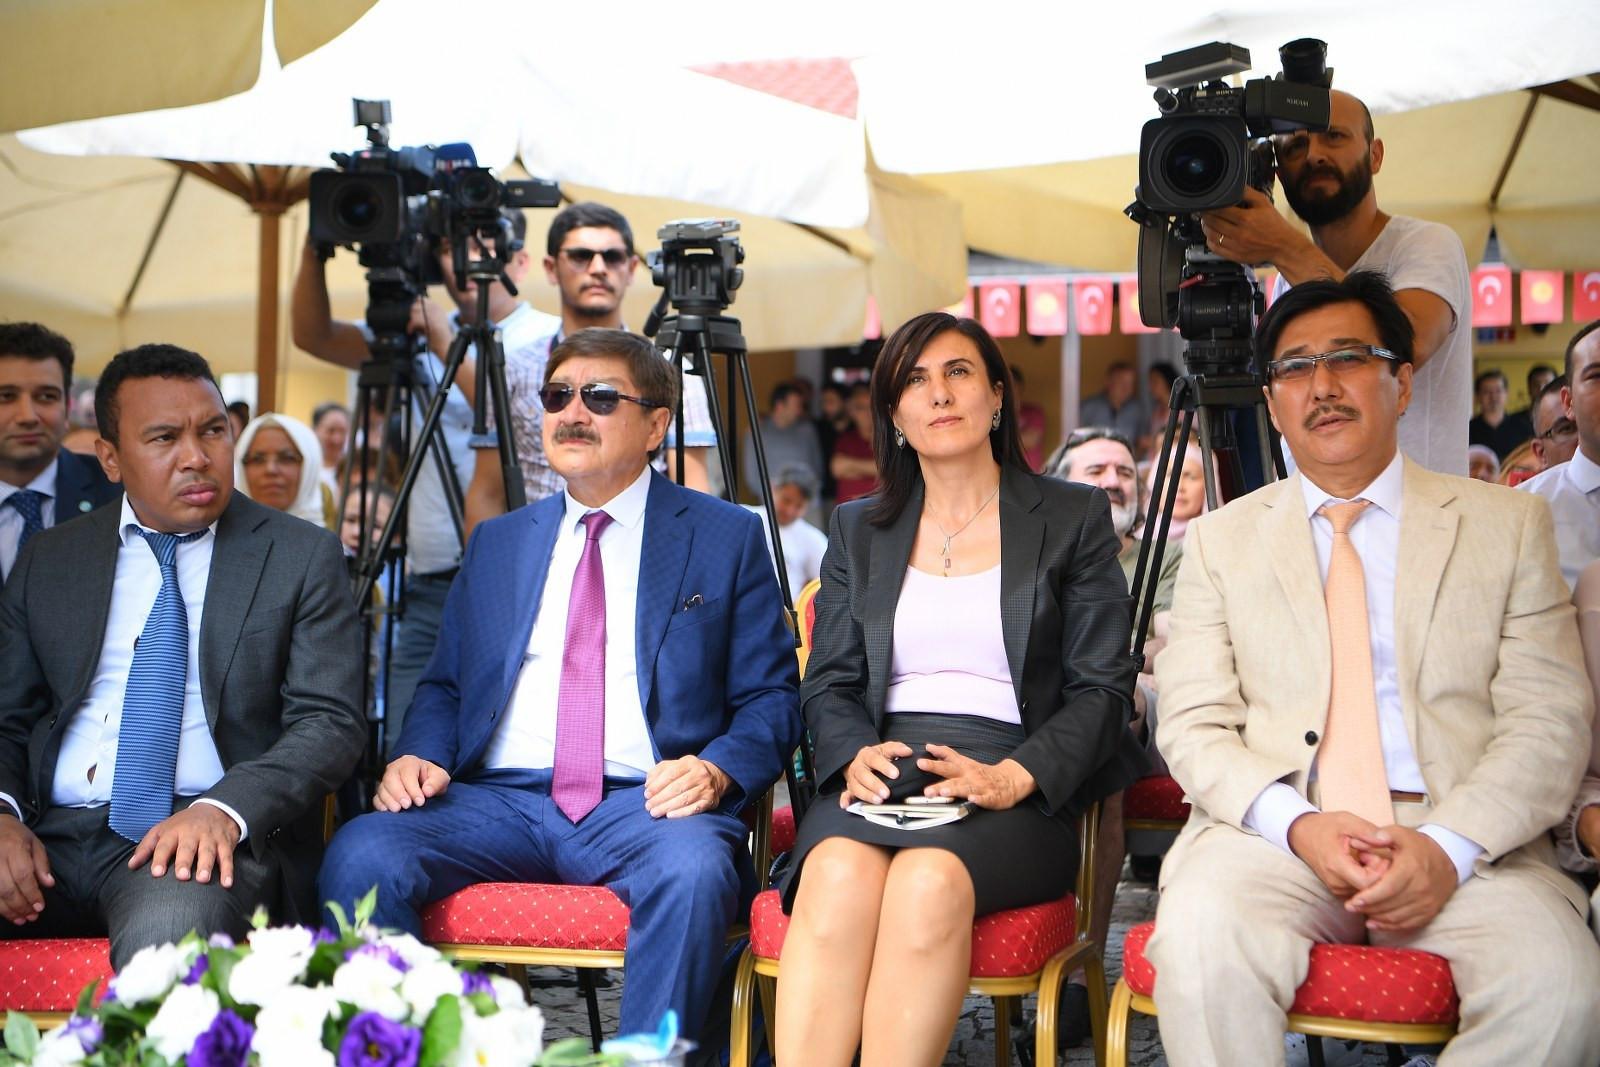 Ebu Nasr El Farabi Evi açıldı Galeri - 3. Resim